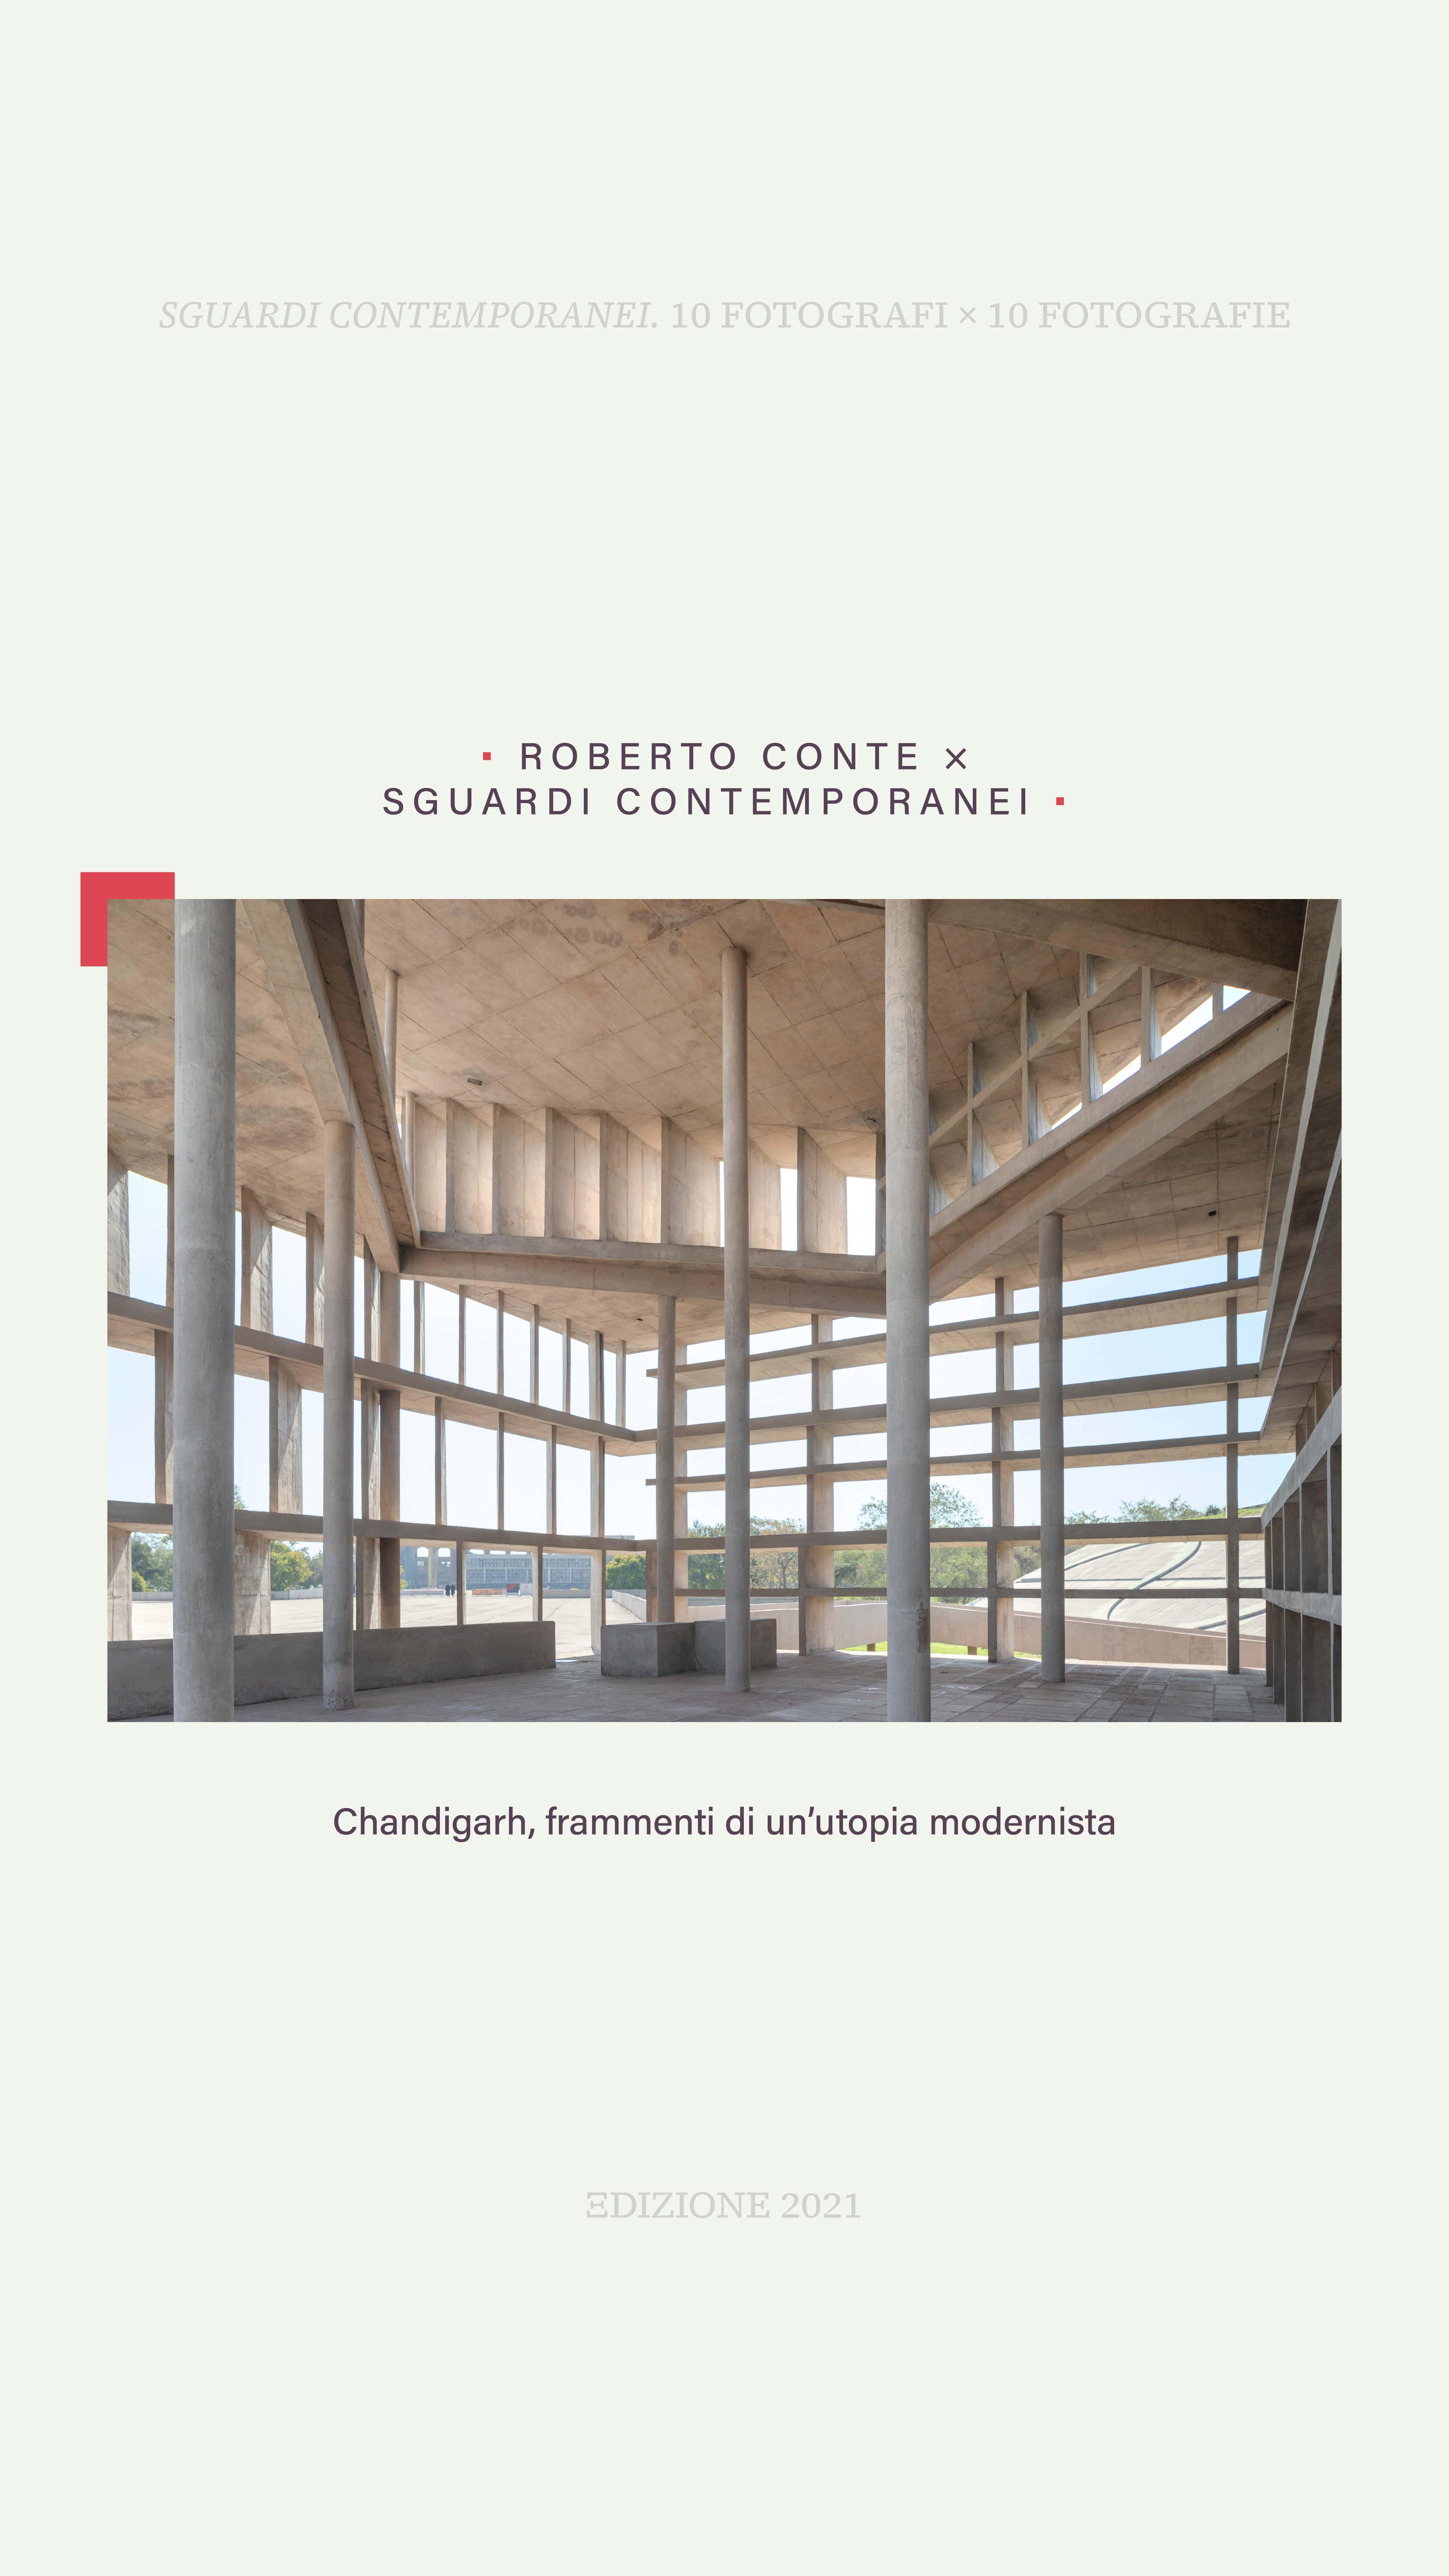 FA — Fotografia dell'Architettura_Roberto Conte_Sguardi Contemporanei 2021